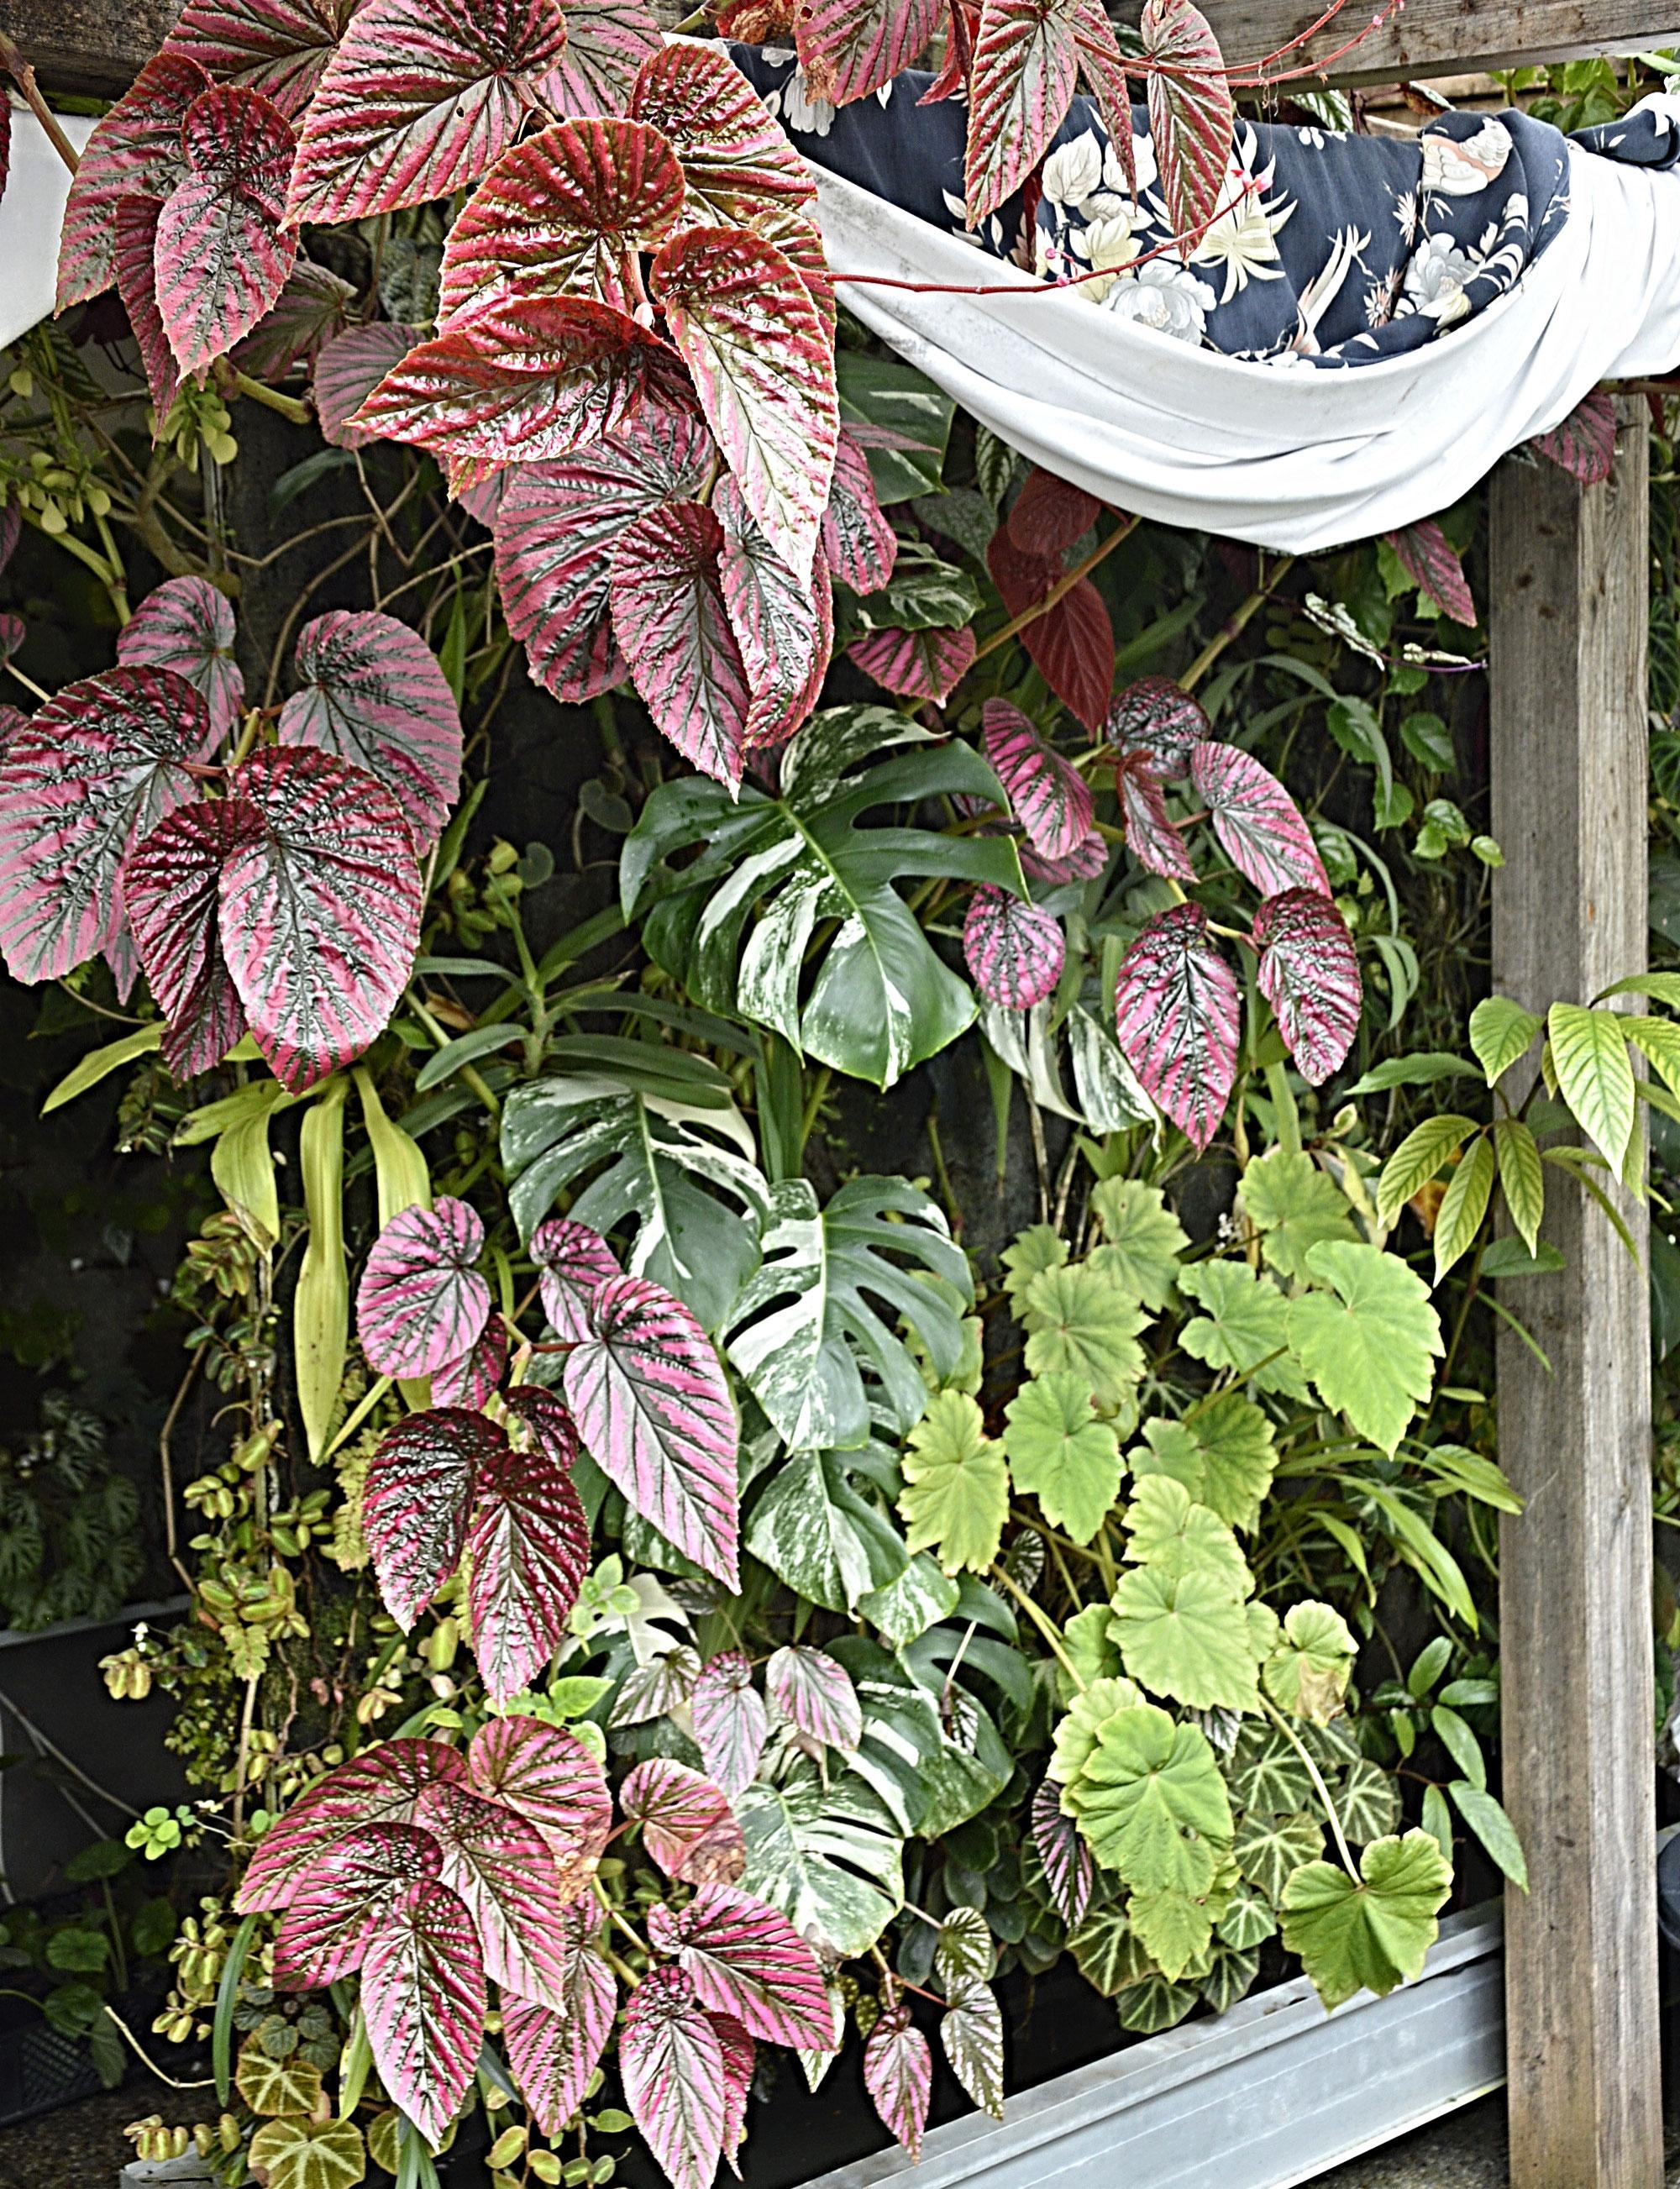 seltene pflanzen und samen kaufen rare seed and plant shop seltene pflanzen und samen. Black Bedroom Furniture Sets. Home Design Ideas